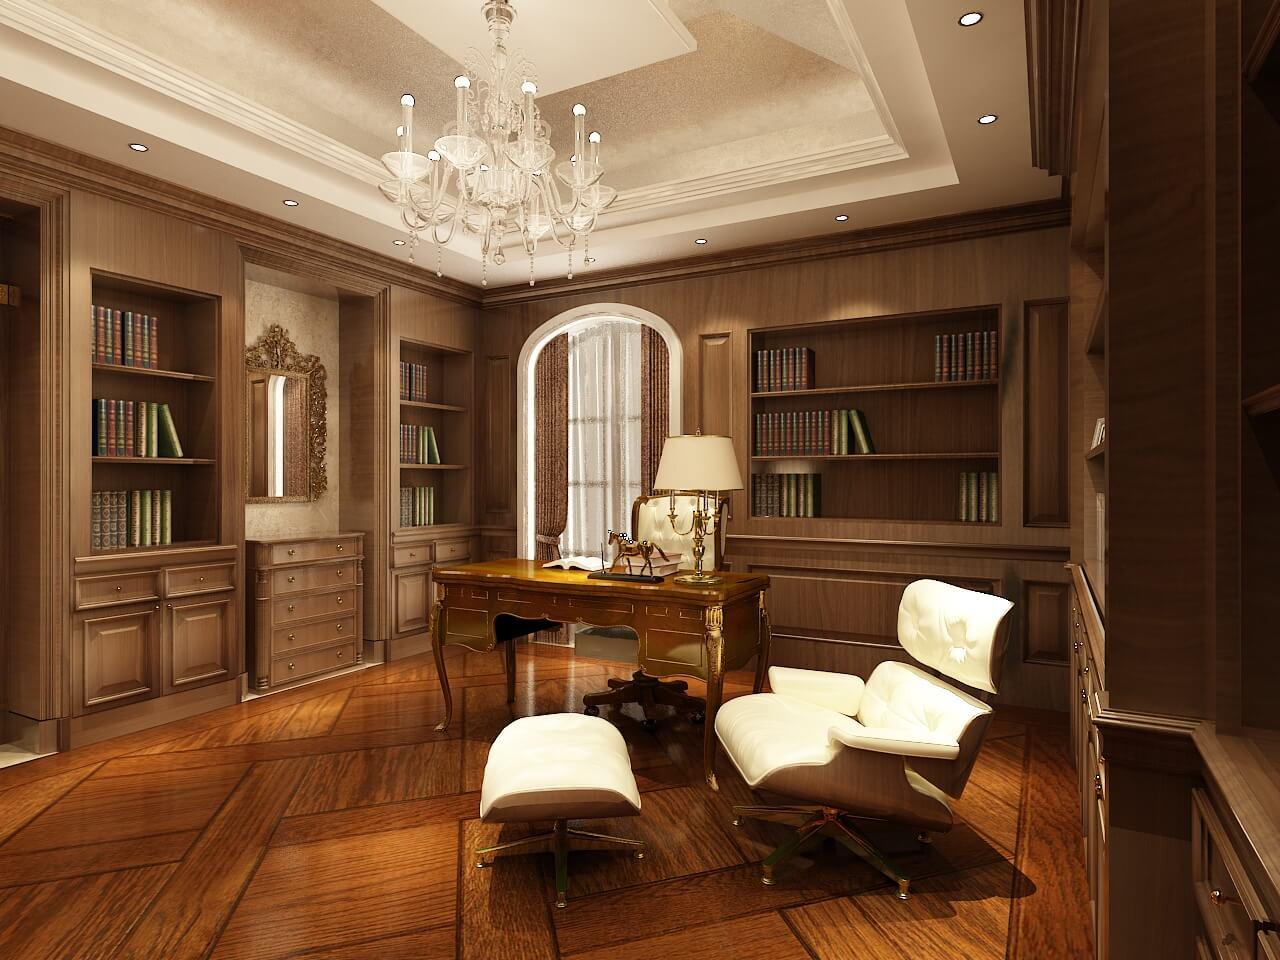 Private Villa, Emirates Hills - 9